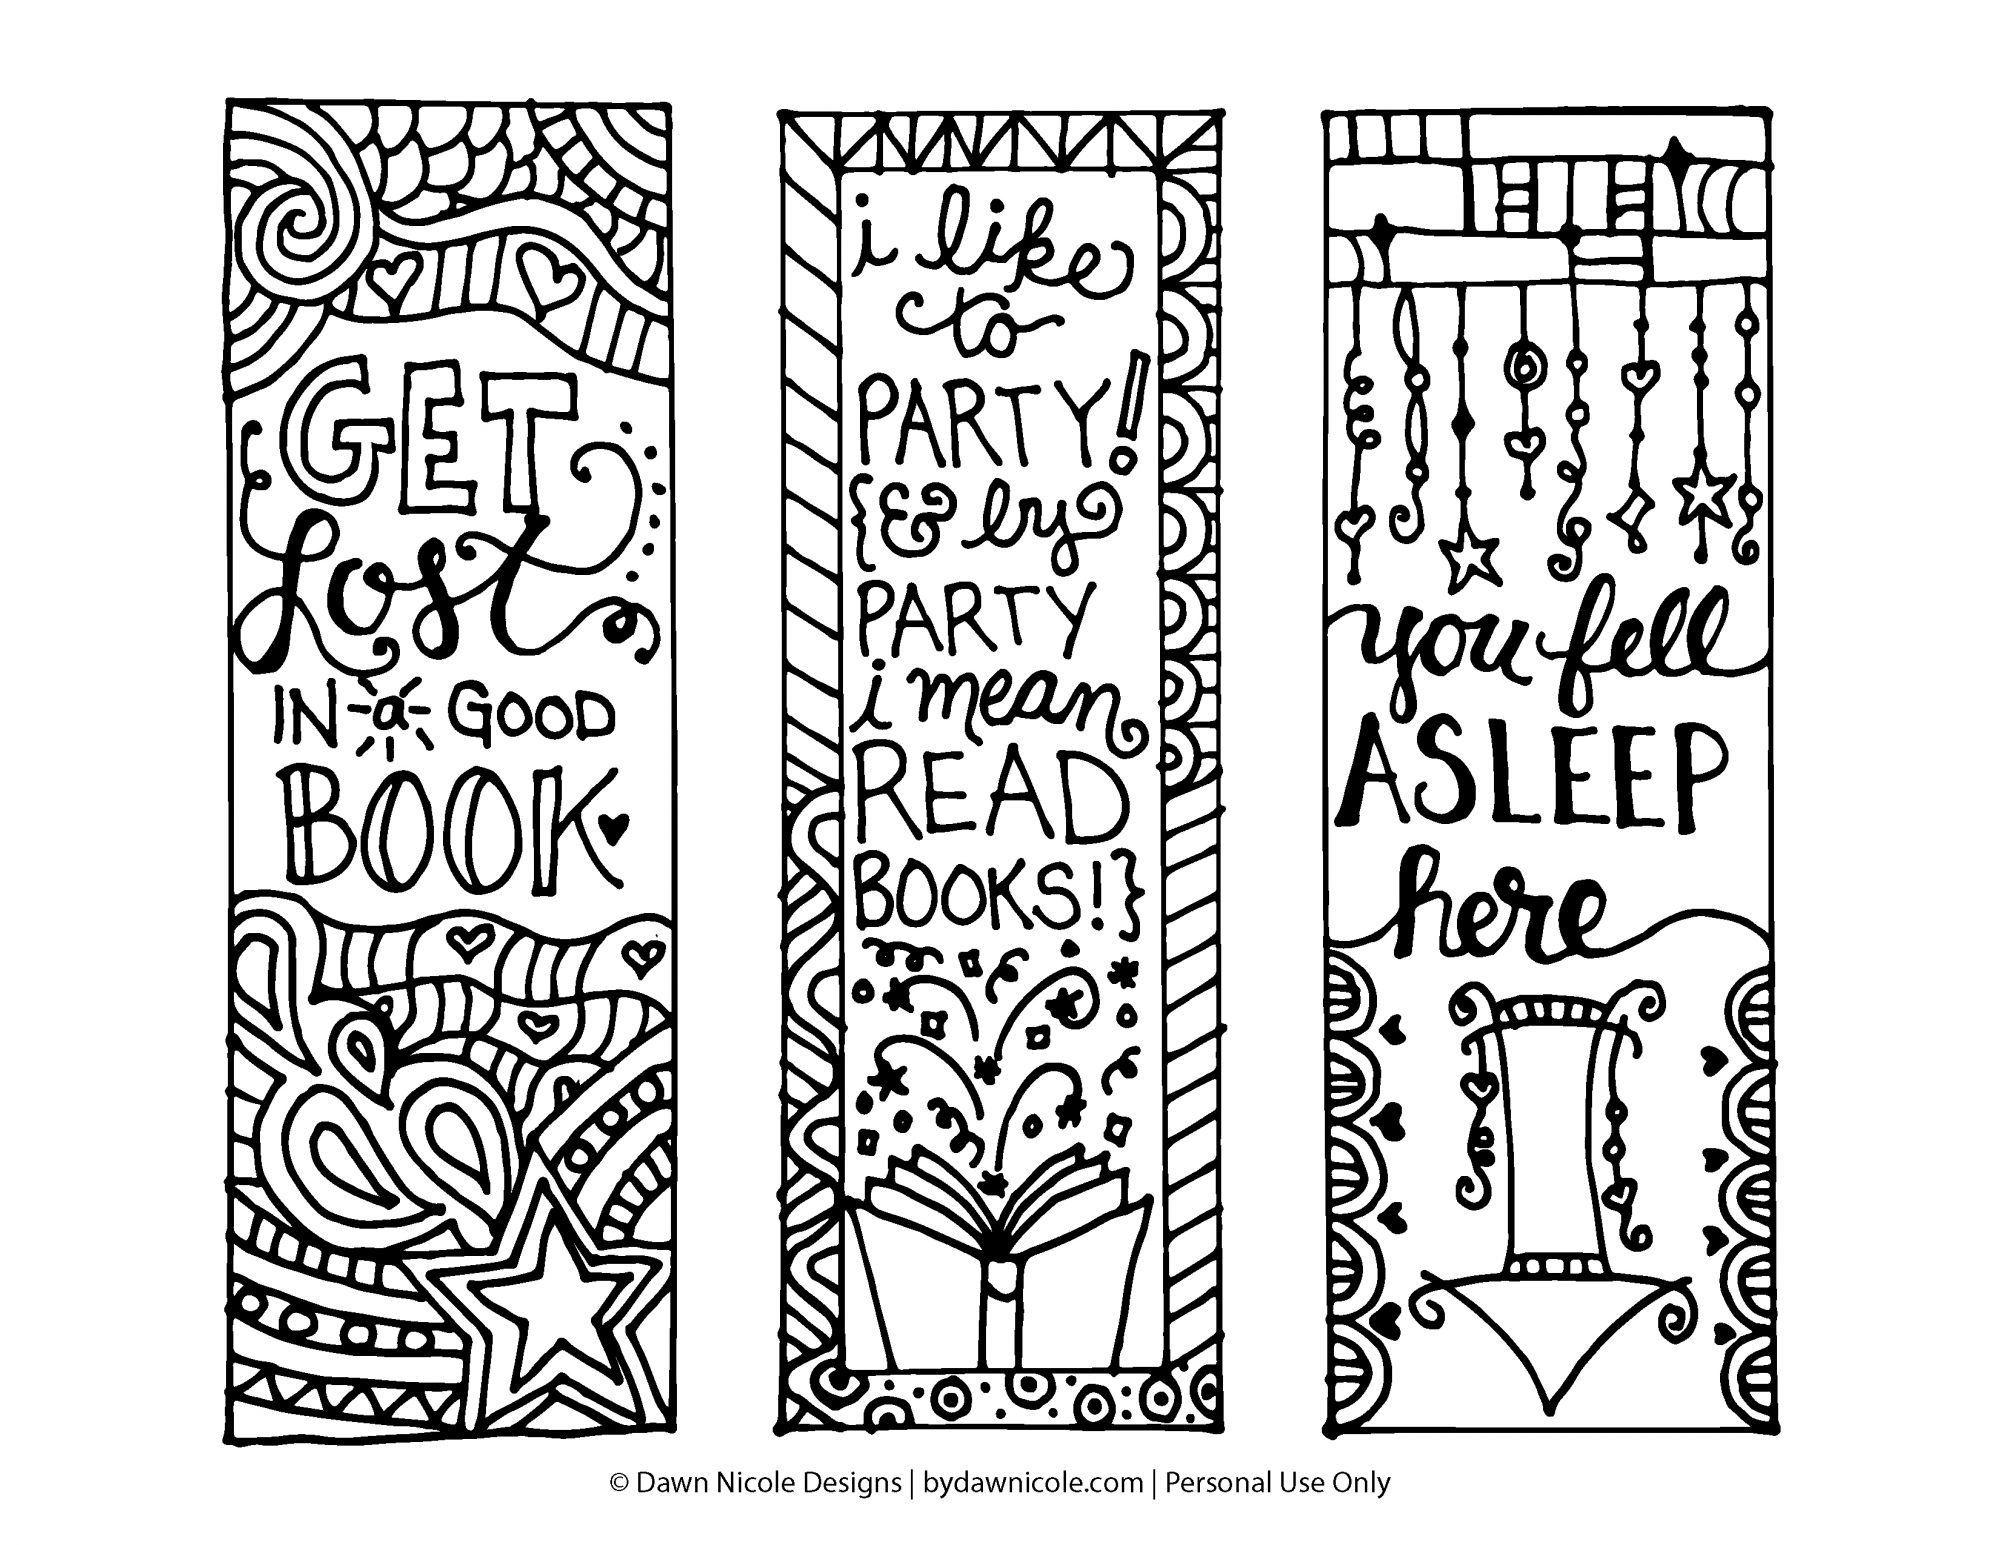 Cute Printable Bookmarks To Color 73ddd9236e4dce1be6e1c861e6825bf3